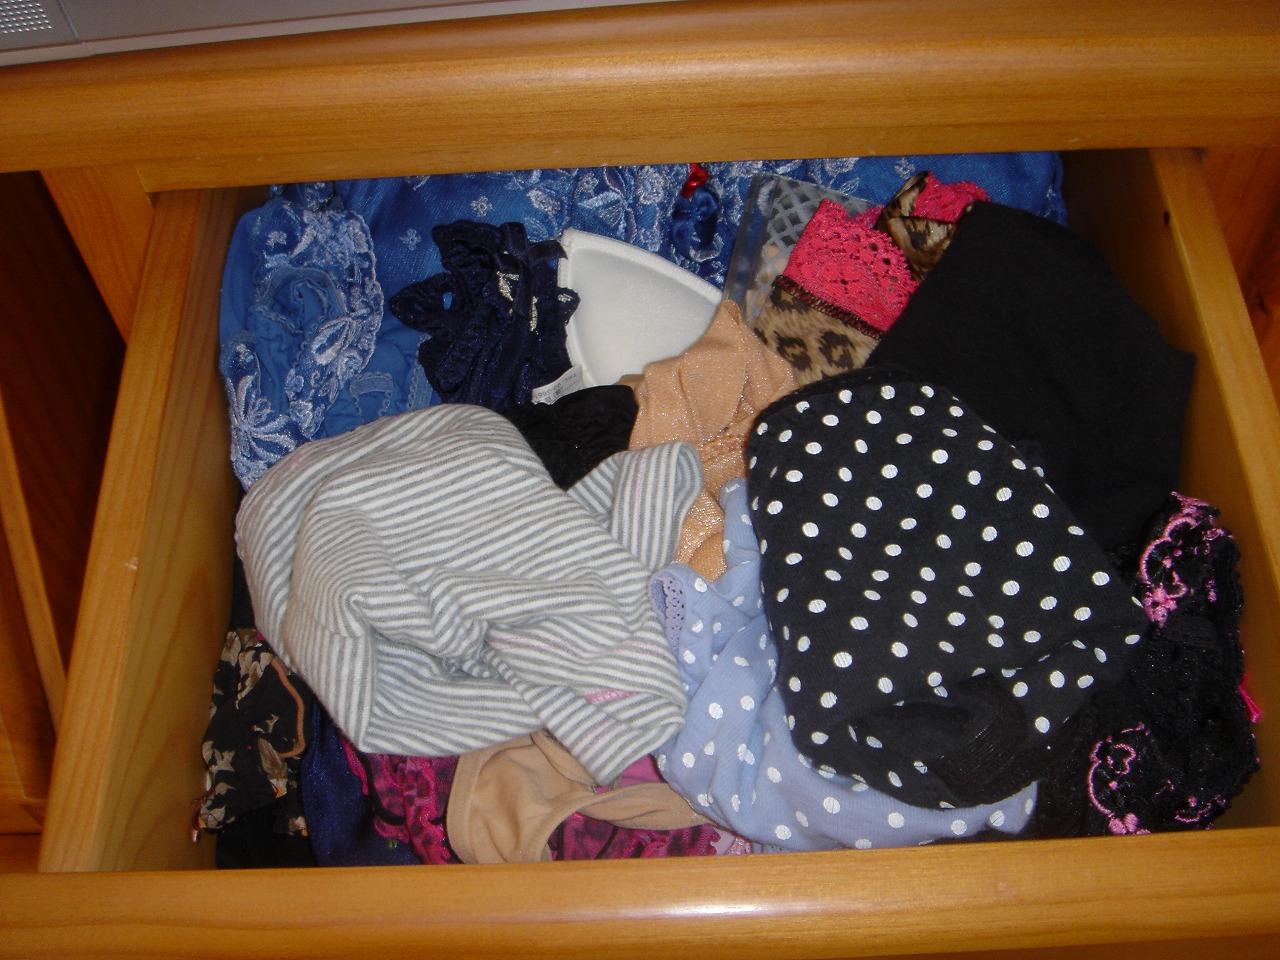 jc妹のタンスの中の下着盗撮ロリパンツエロ画像10枚目